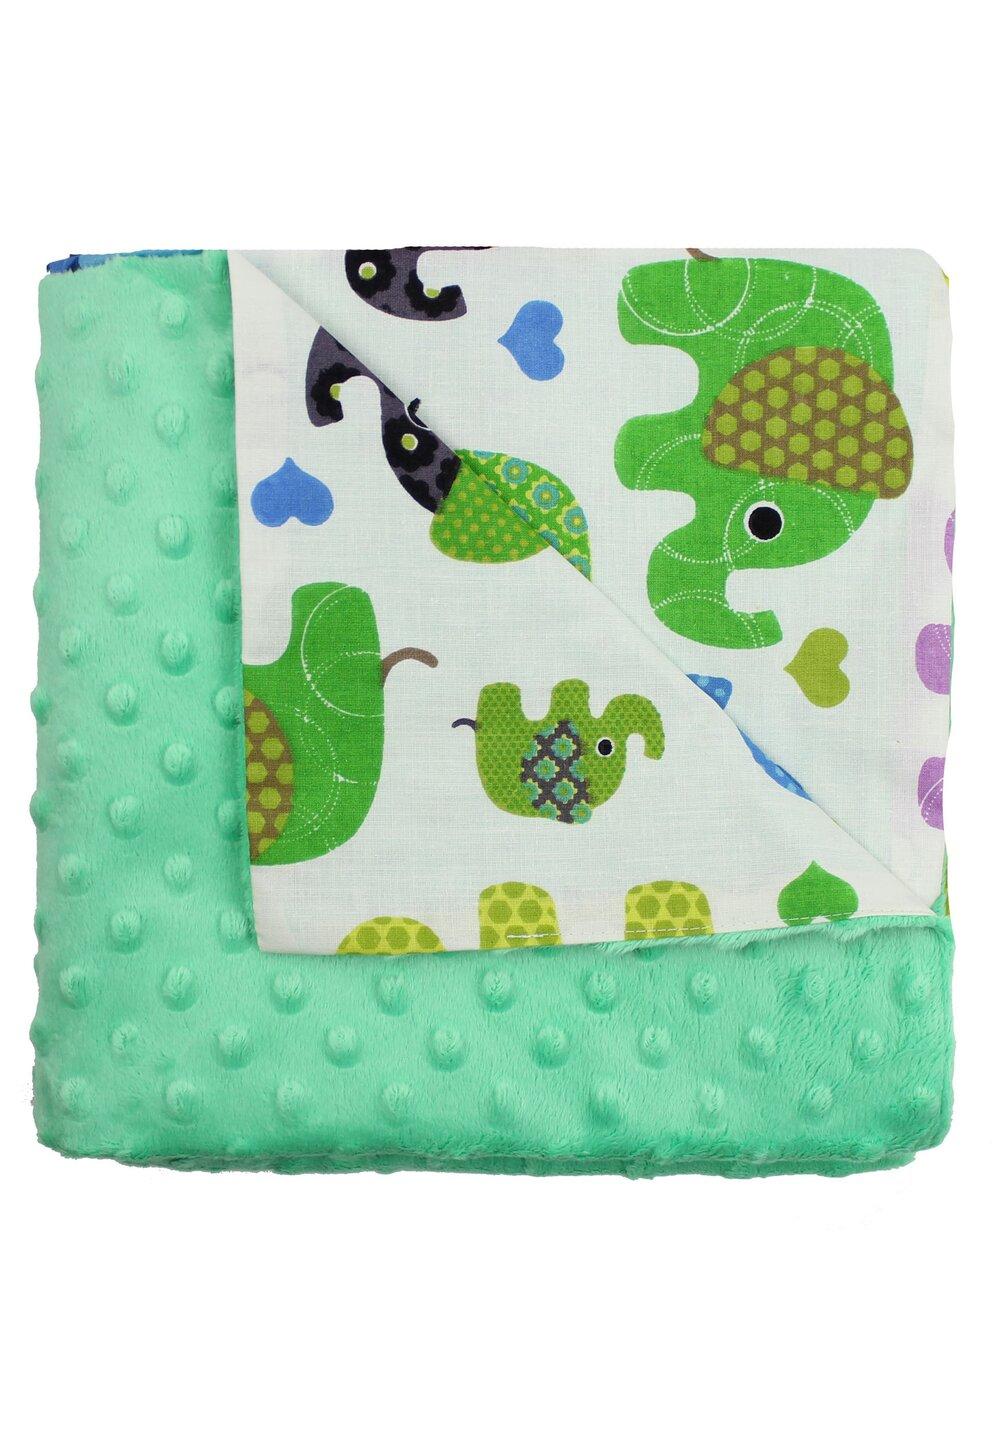 Paturica 2 fete, Minky verde, elefantei, 80x100cm imagine